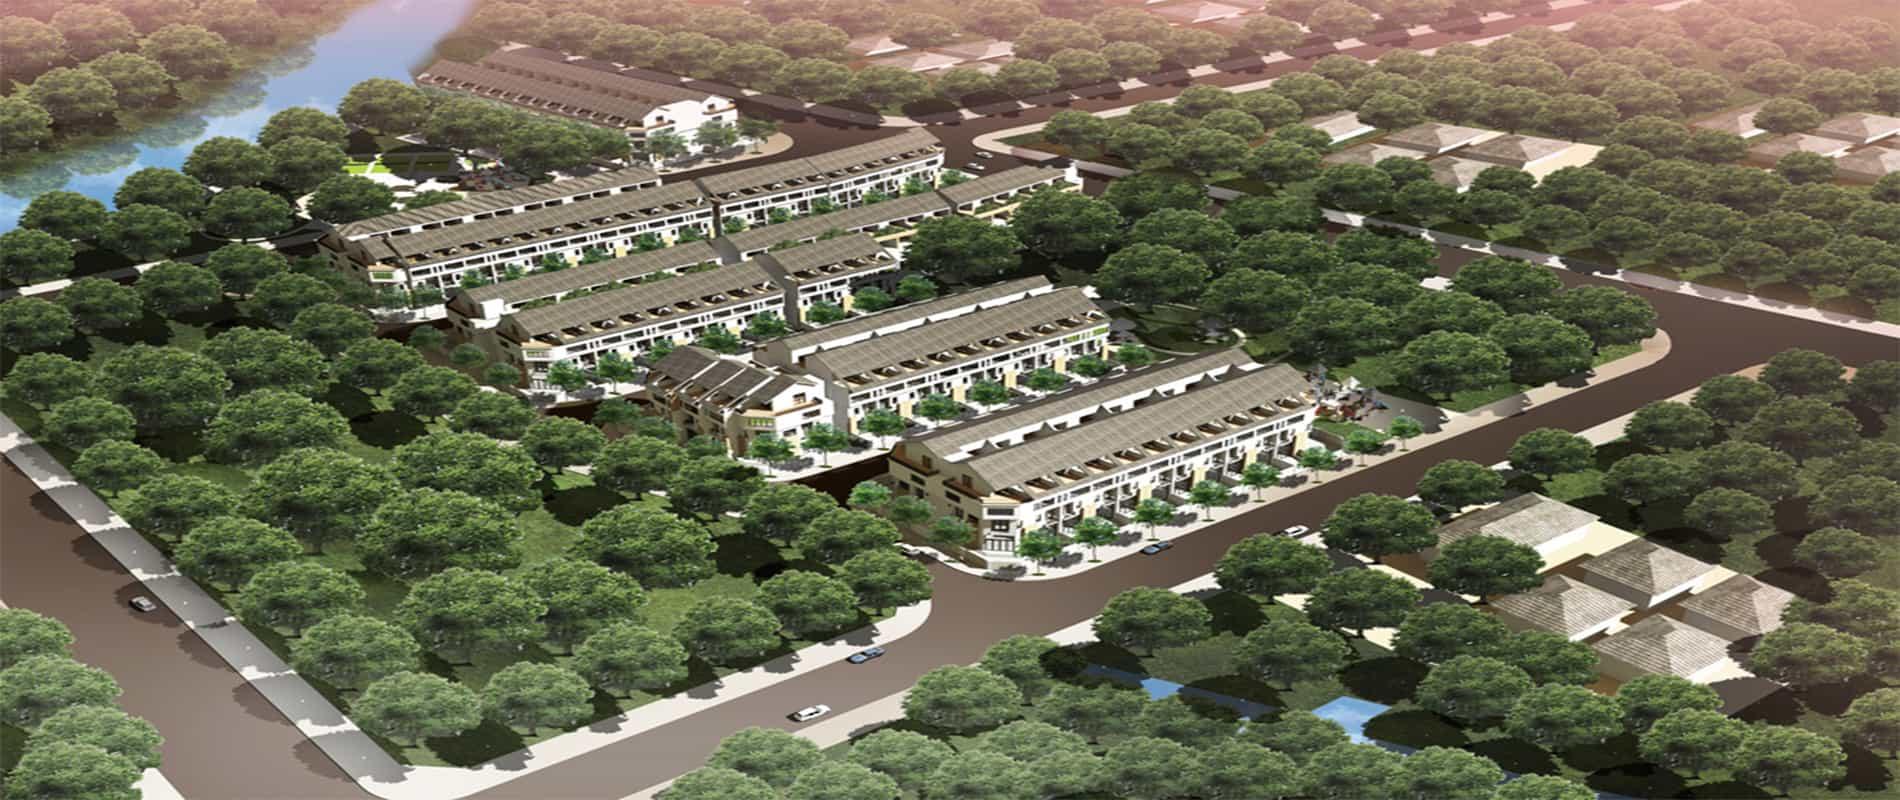 tổng thể dự án đất nền bình chiểu 2 kdc chợ đầu mối đường số 6-đất nền thủ đức